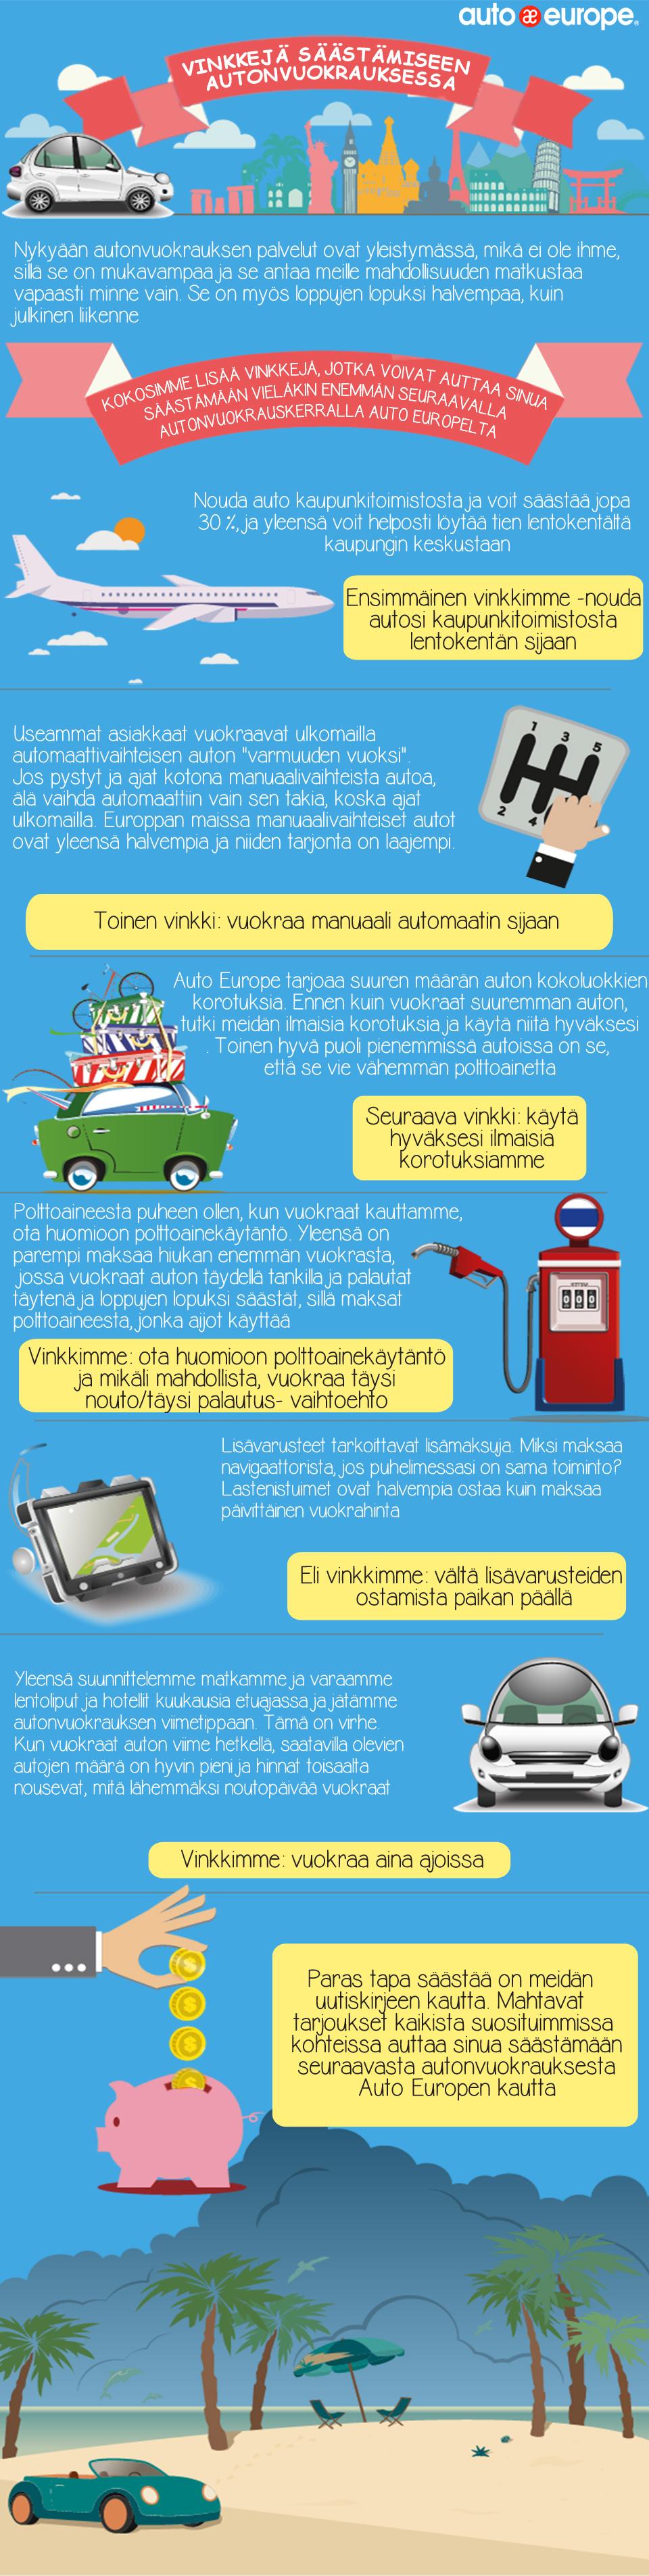 Infografiikka - Vinkkejä säästämiseen autonvuokrauksessa